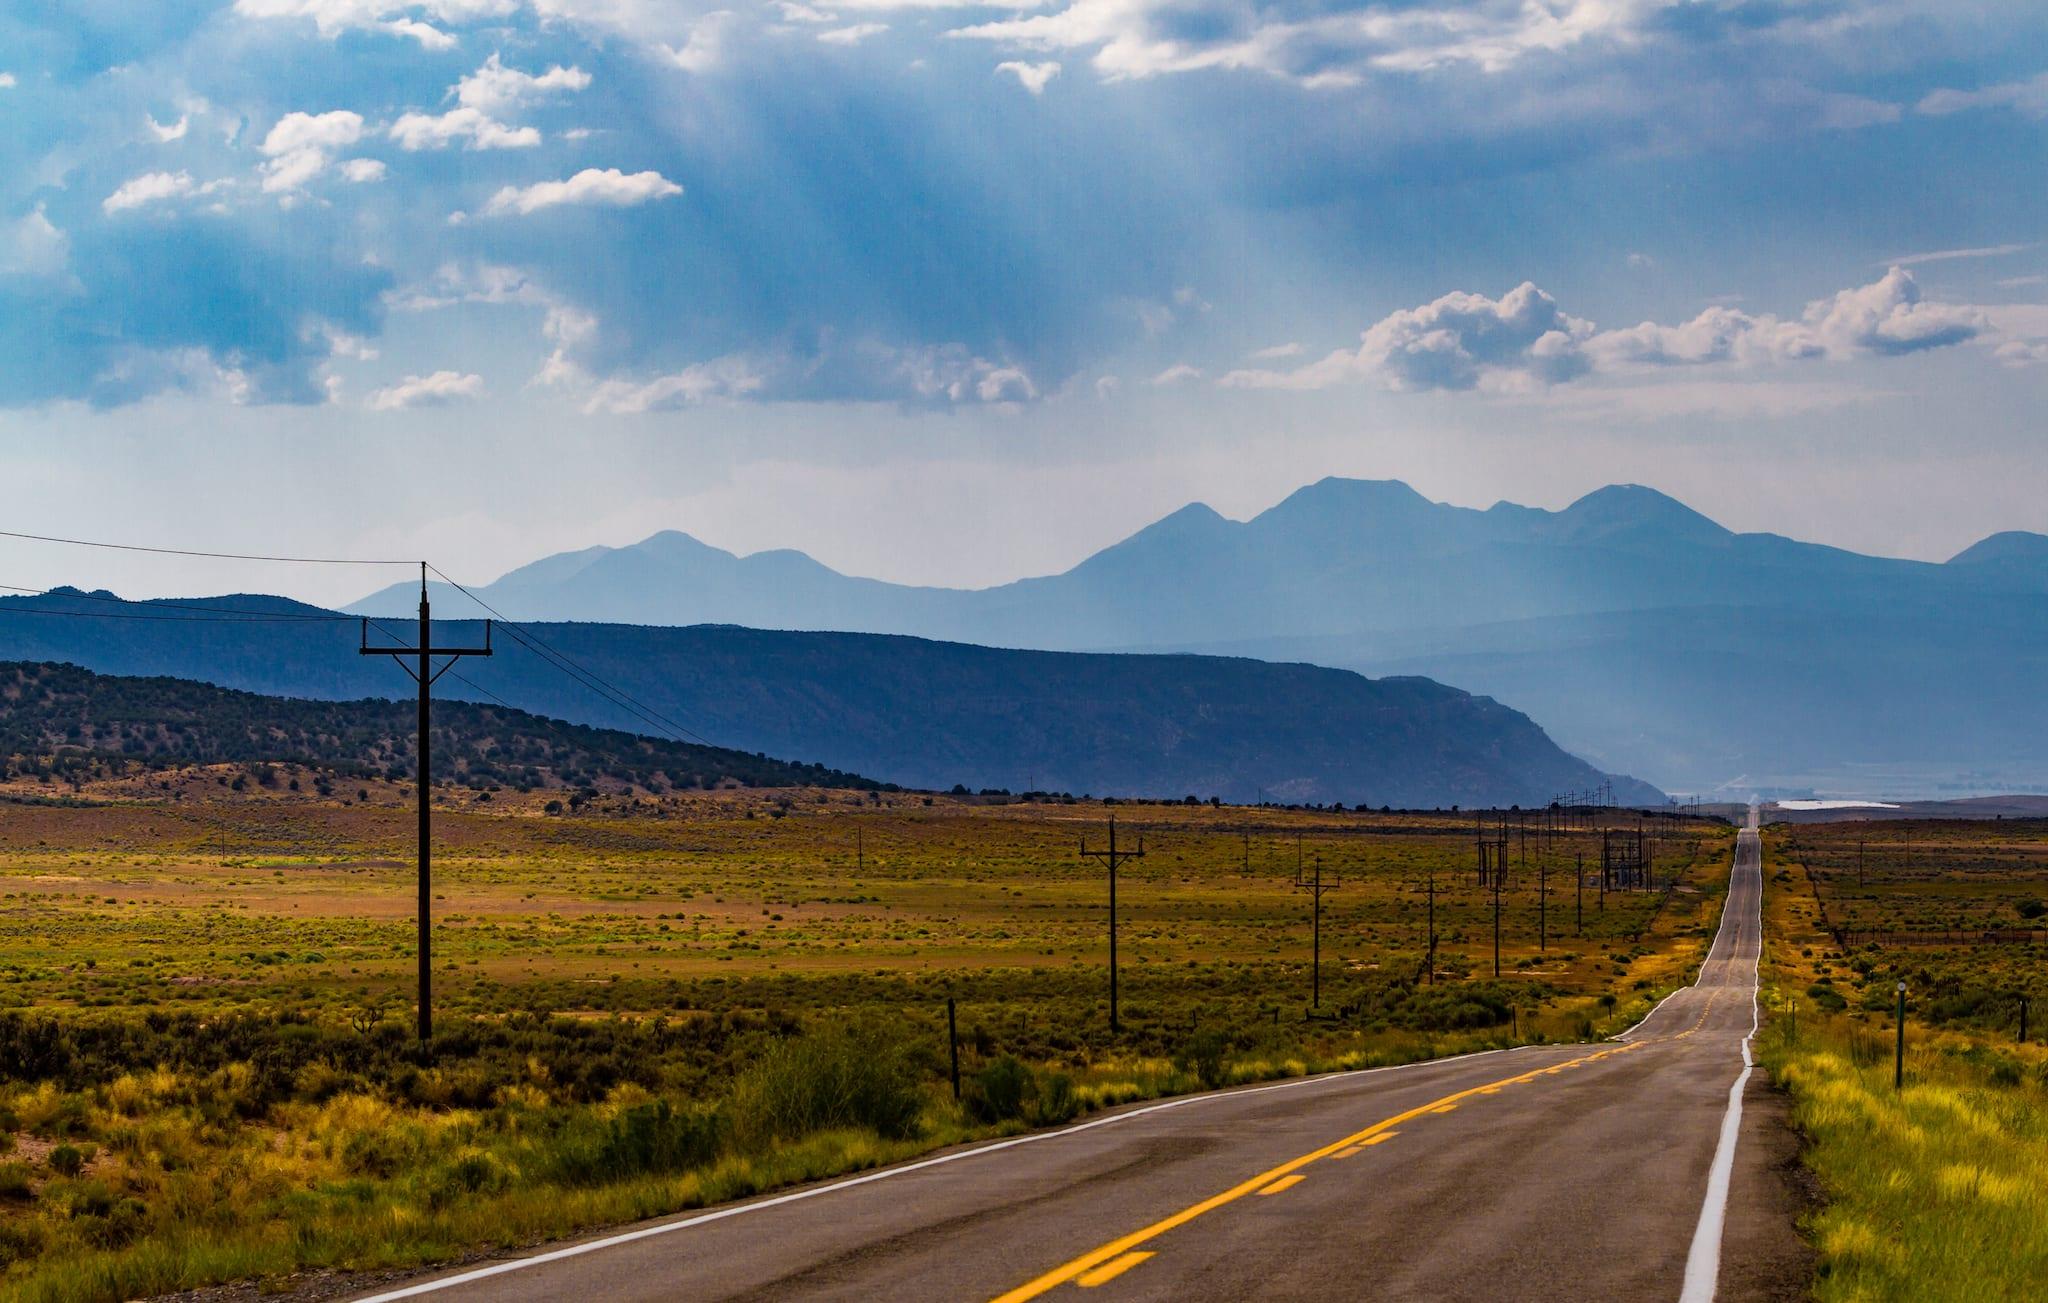 Paradox Valley Colorado Highway 90